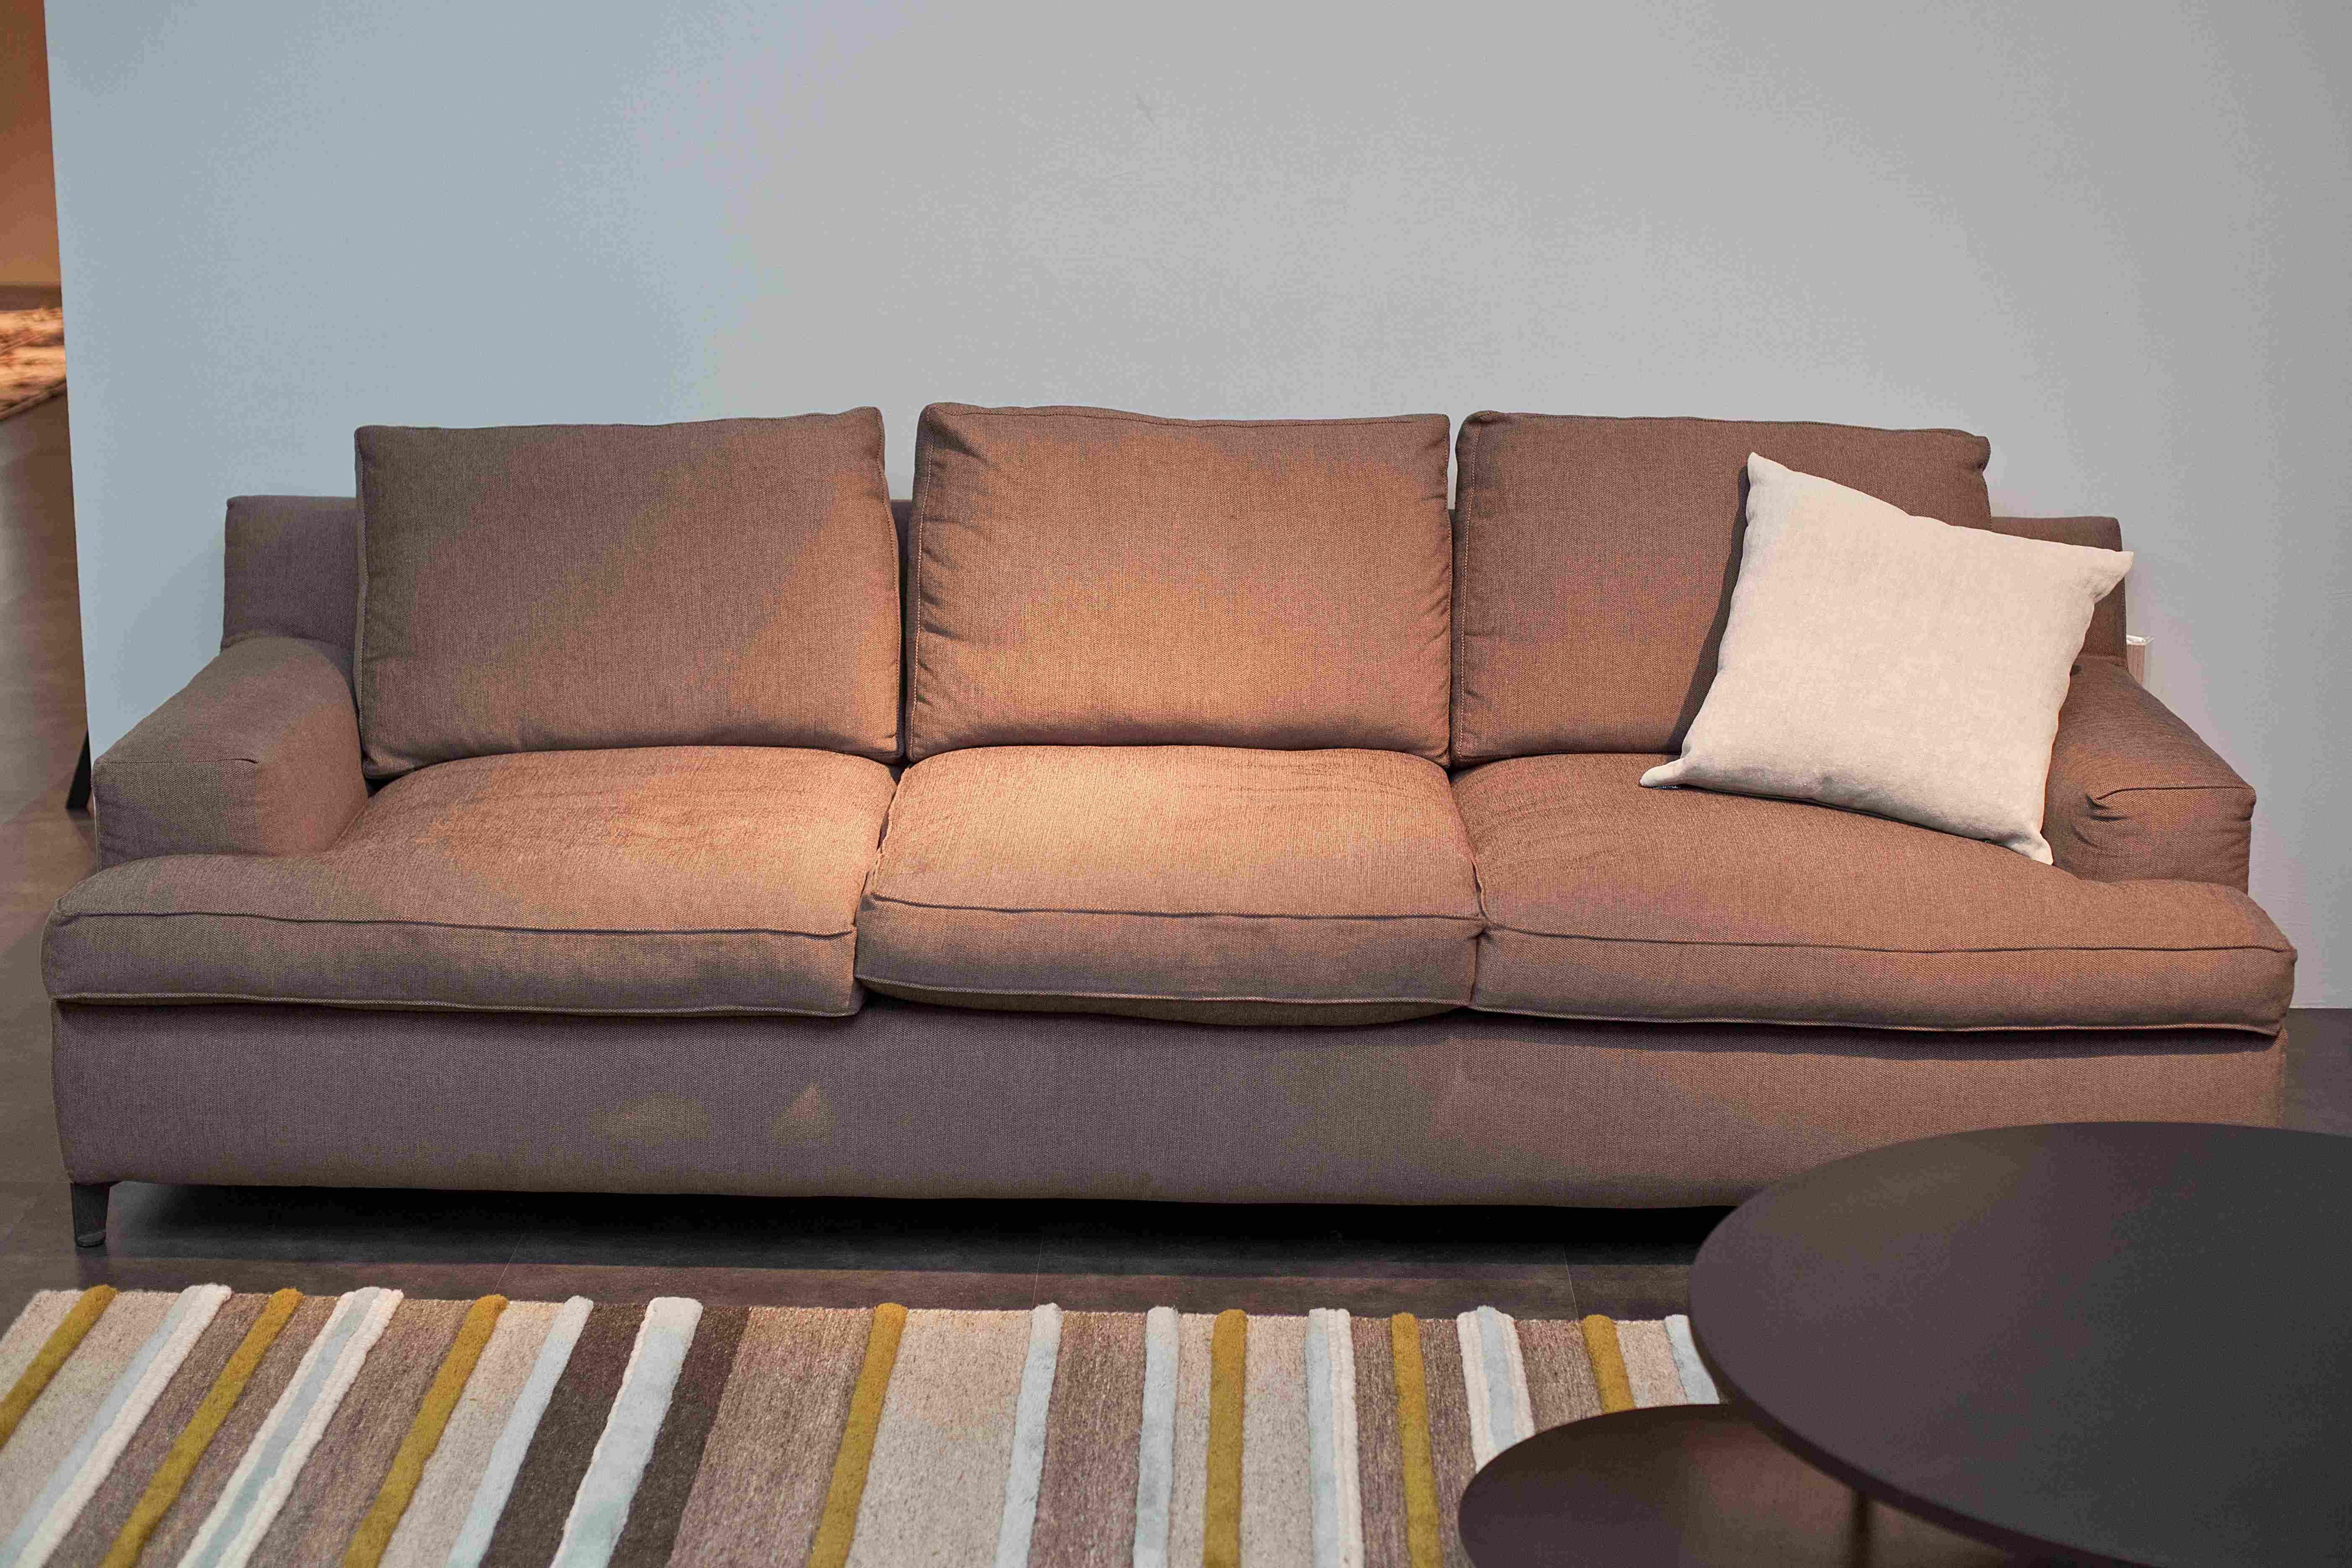 arketipo divano malta tessuto divani a prezzi scontati